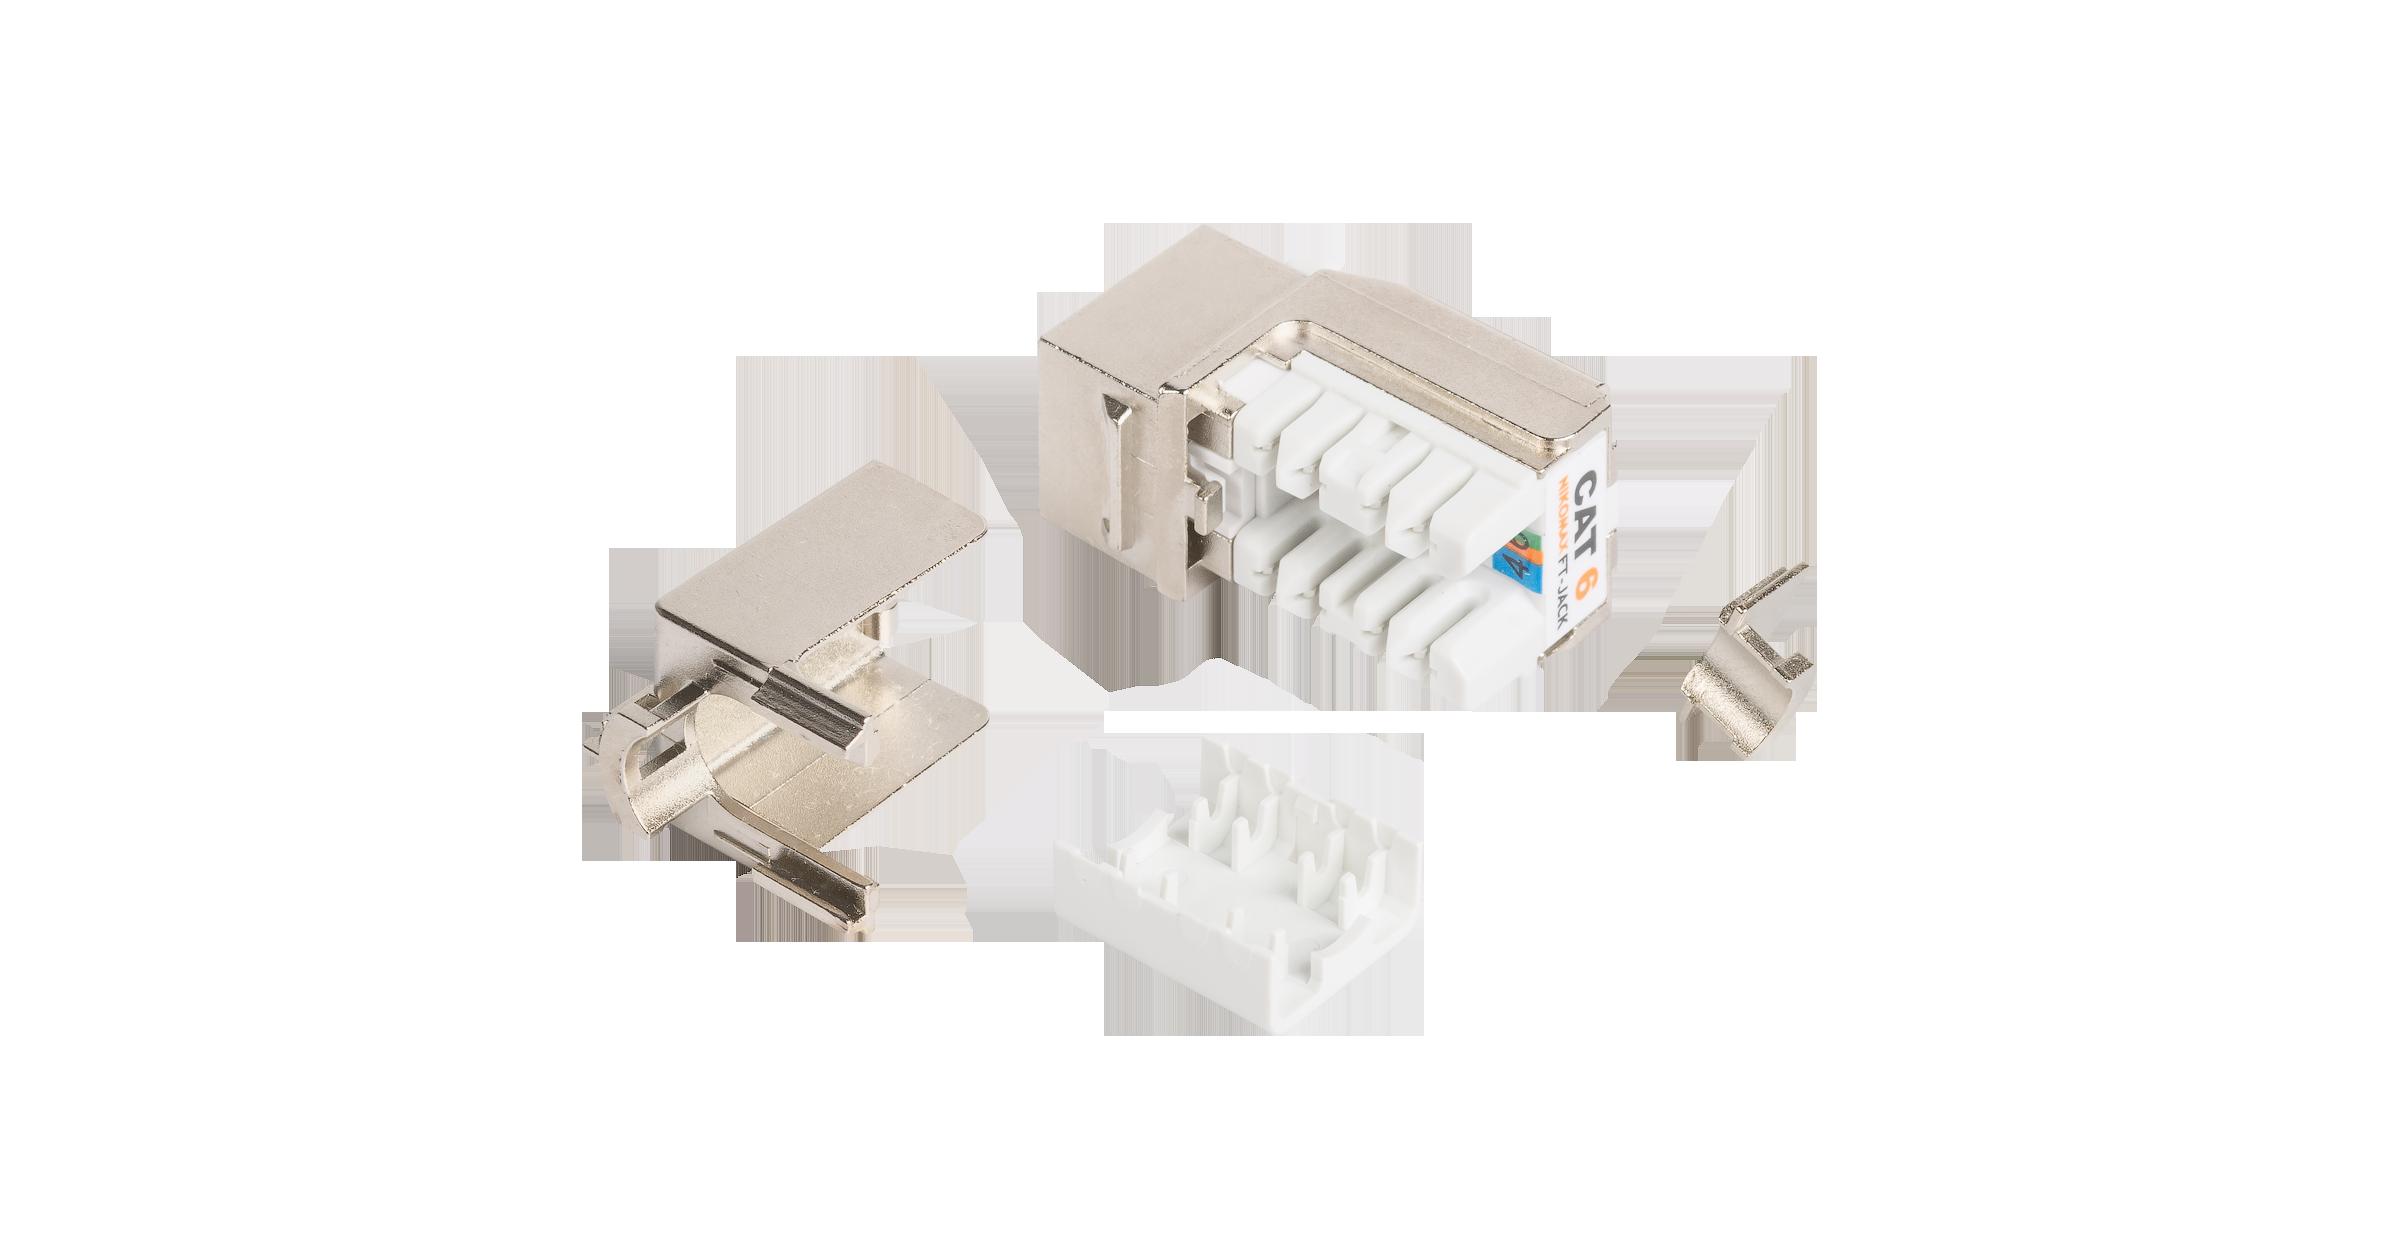 Модуль-вставка NIKOMAX типа Keystone, Кат.6 (Класс E), 250МГц, RJ45/8P8C, FT-TOOL/110/KRONE, T568A/B, полный экран, металлик - гарантия: 5 лет расширенная / 25 лет системная